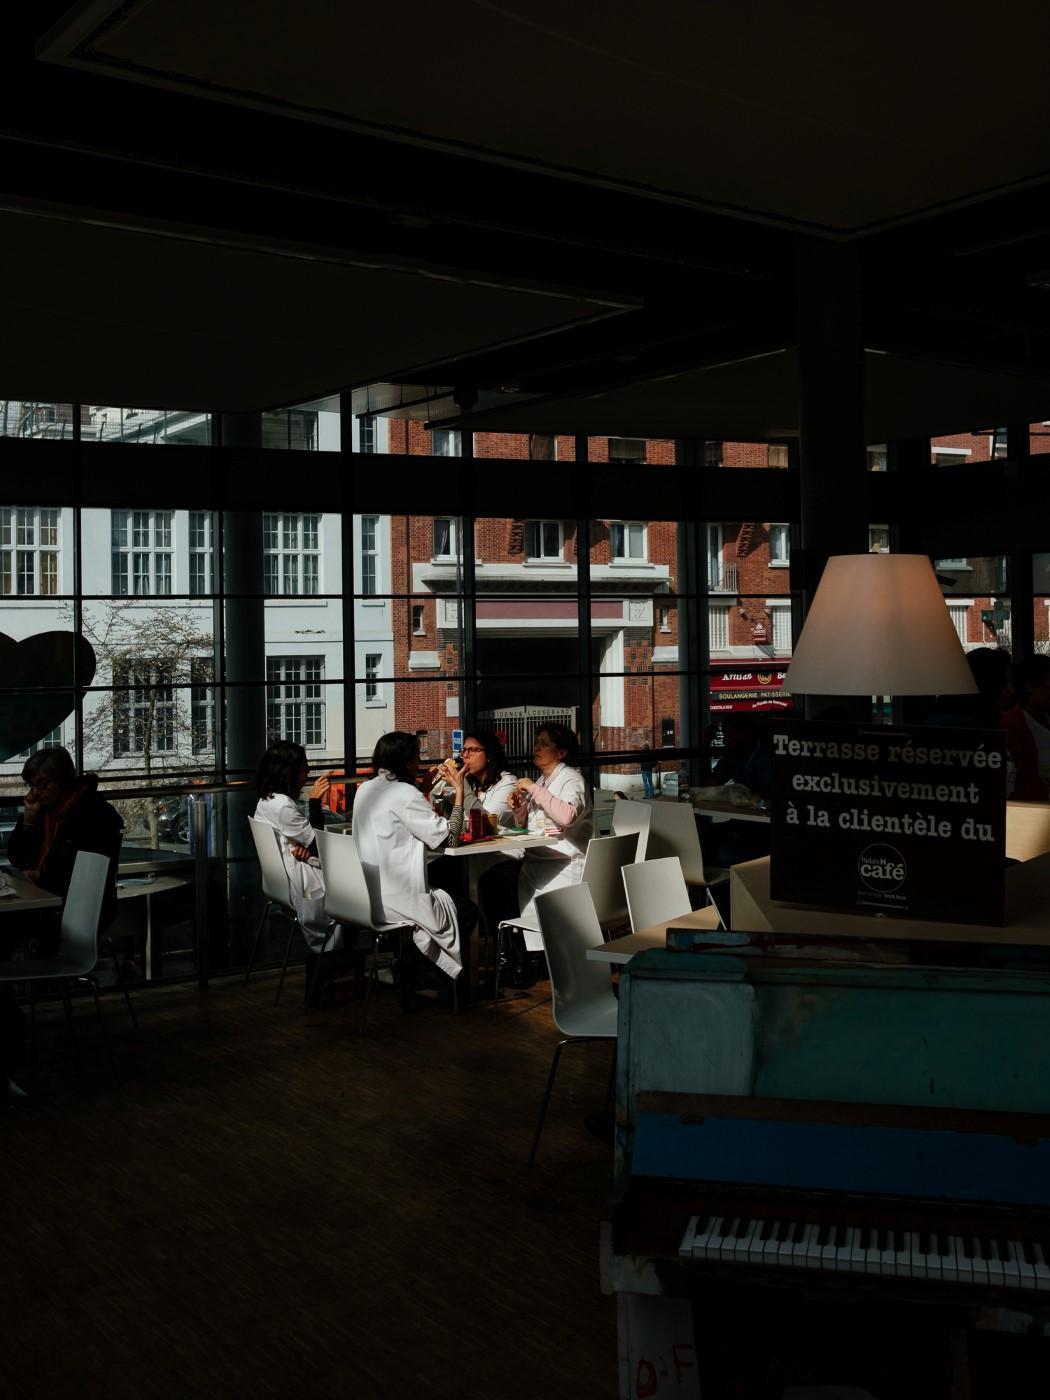 Groupe de docteurs éclairé par un rayon de soleil dans la cafèt de l'hôpital